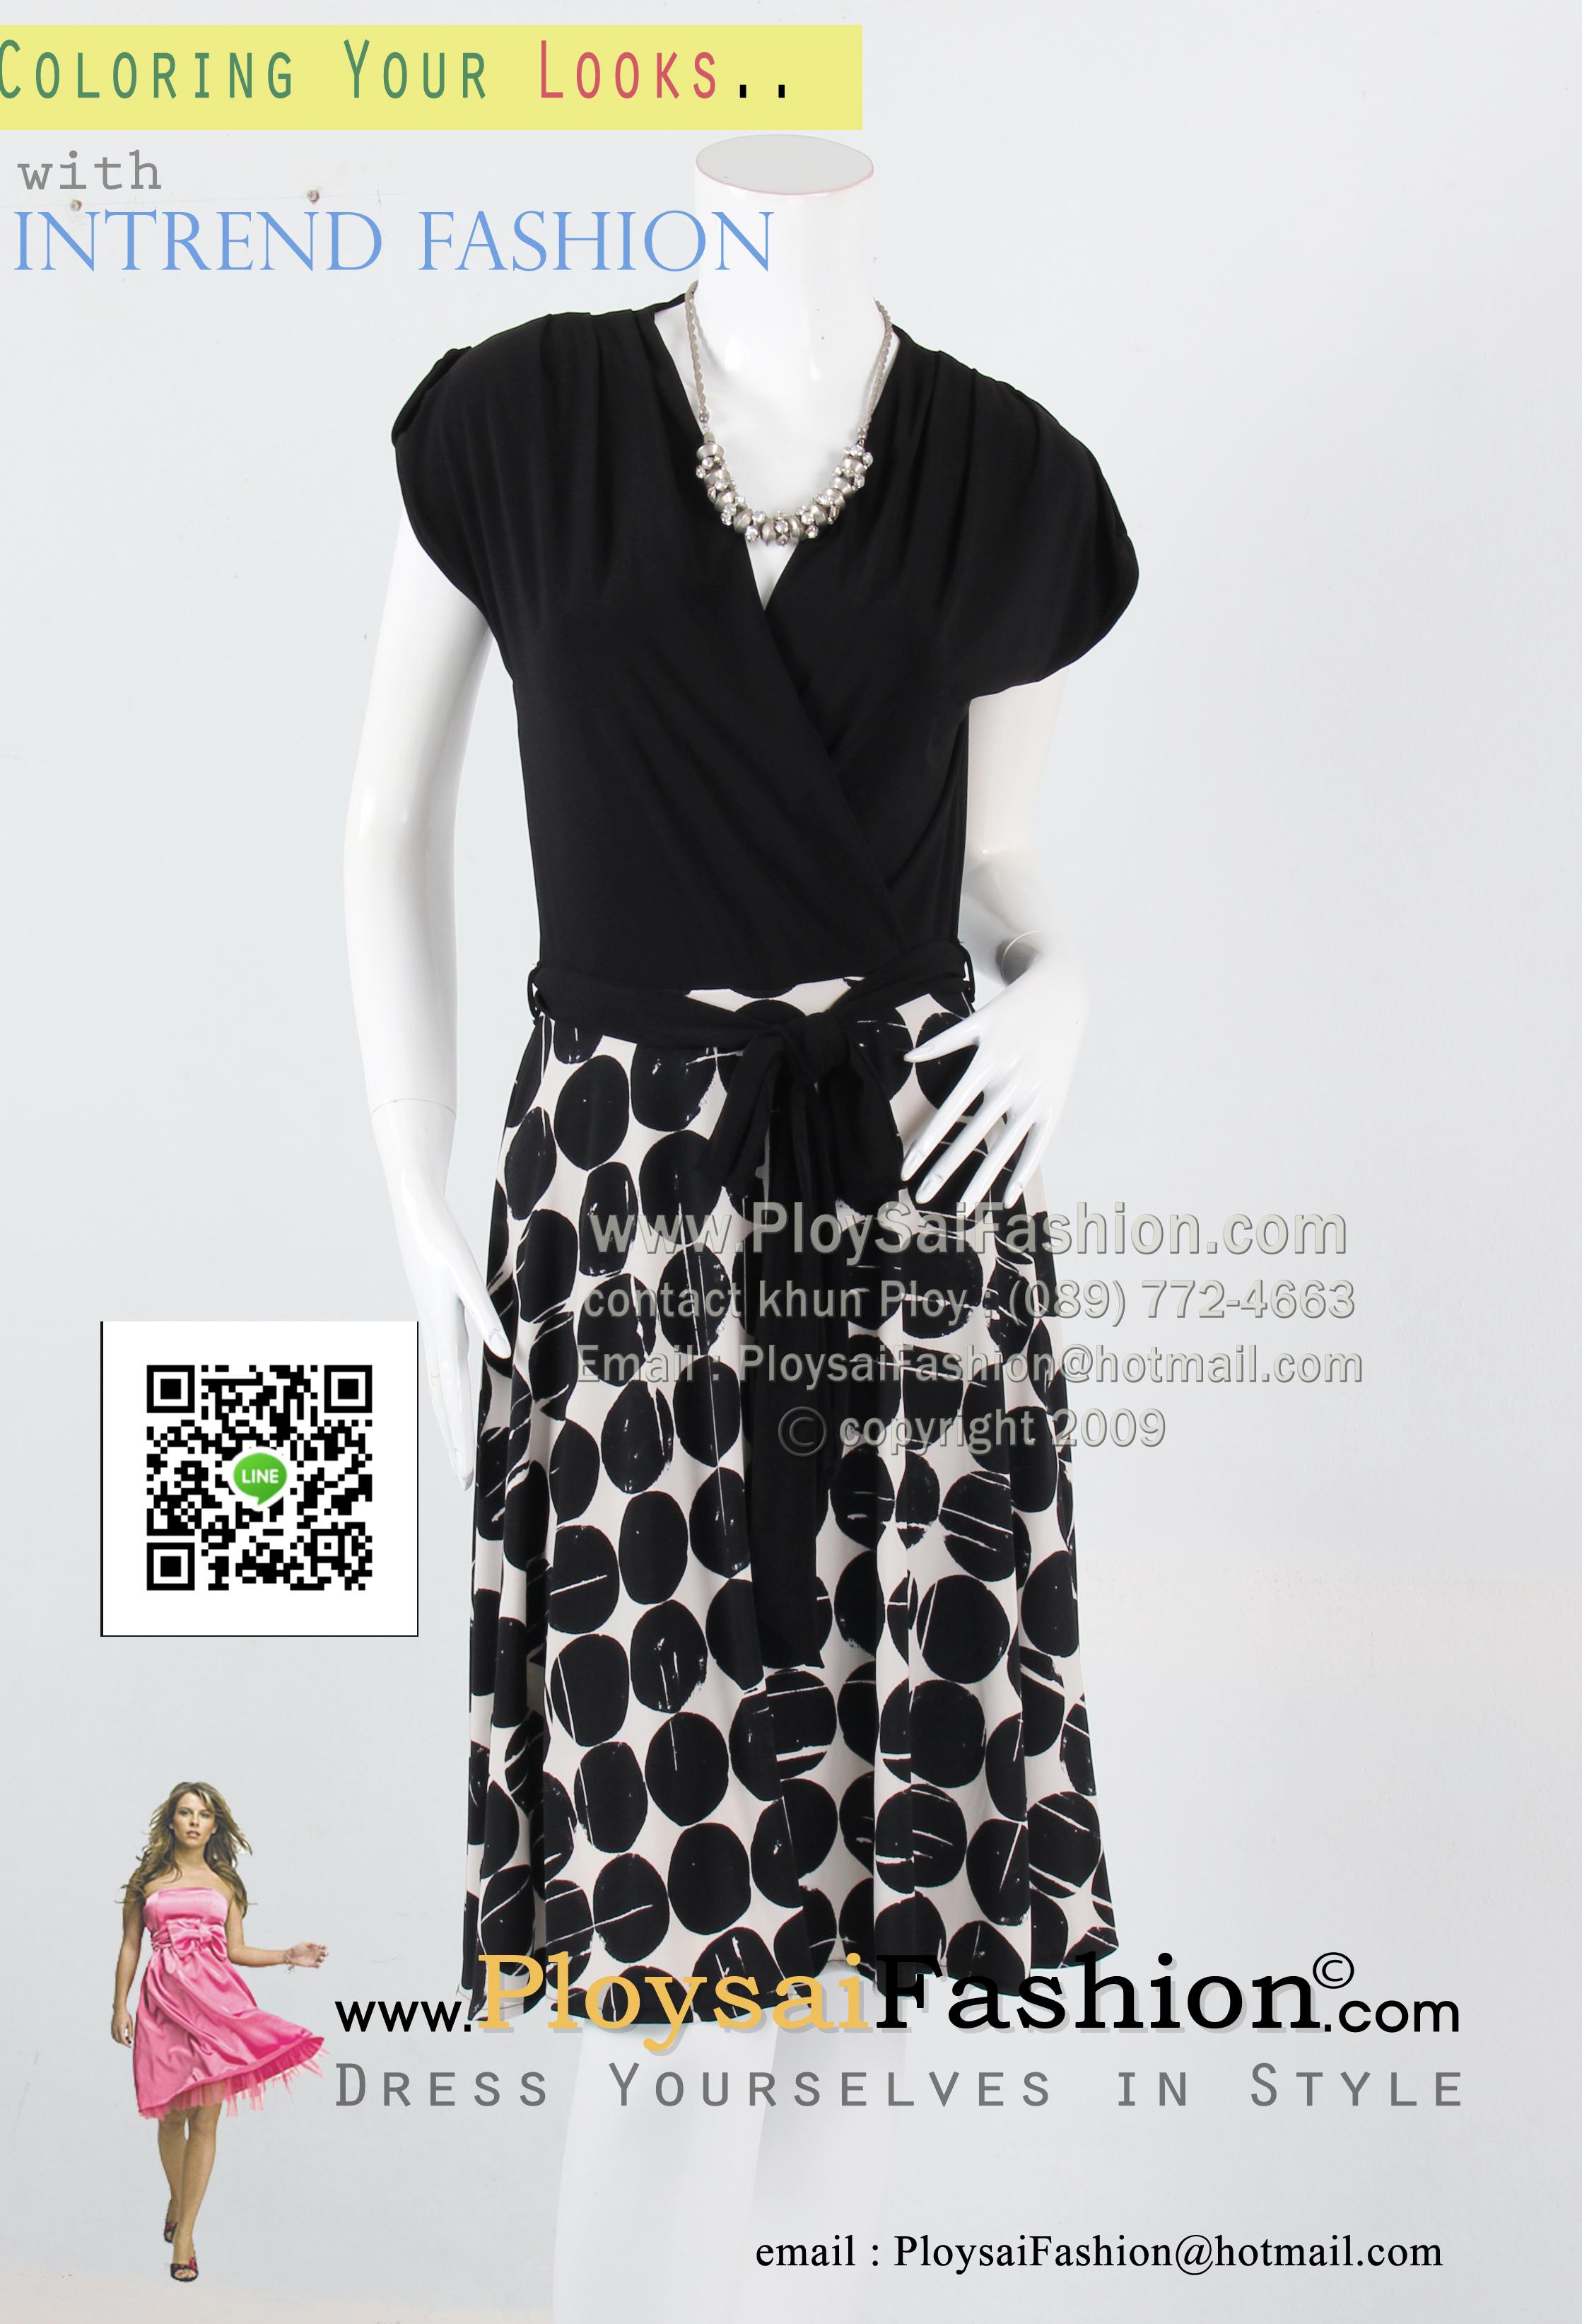 bw267 - ชุดเดรสทูโทนขาวดำ ผ้าเกาหลีแขนล้ำ ช่วงกระโปรงผ้าพิมพ์ลายขาวดำ